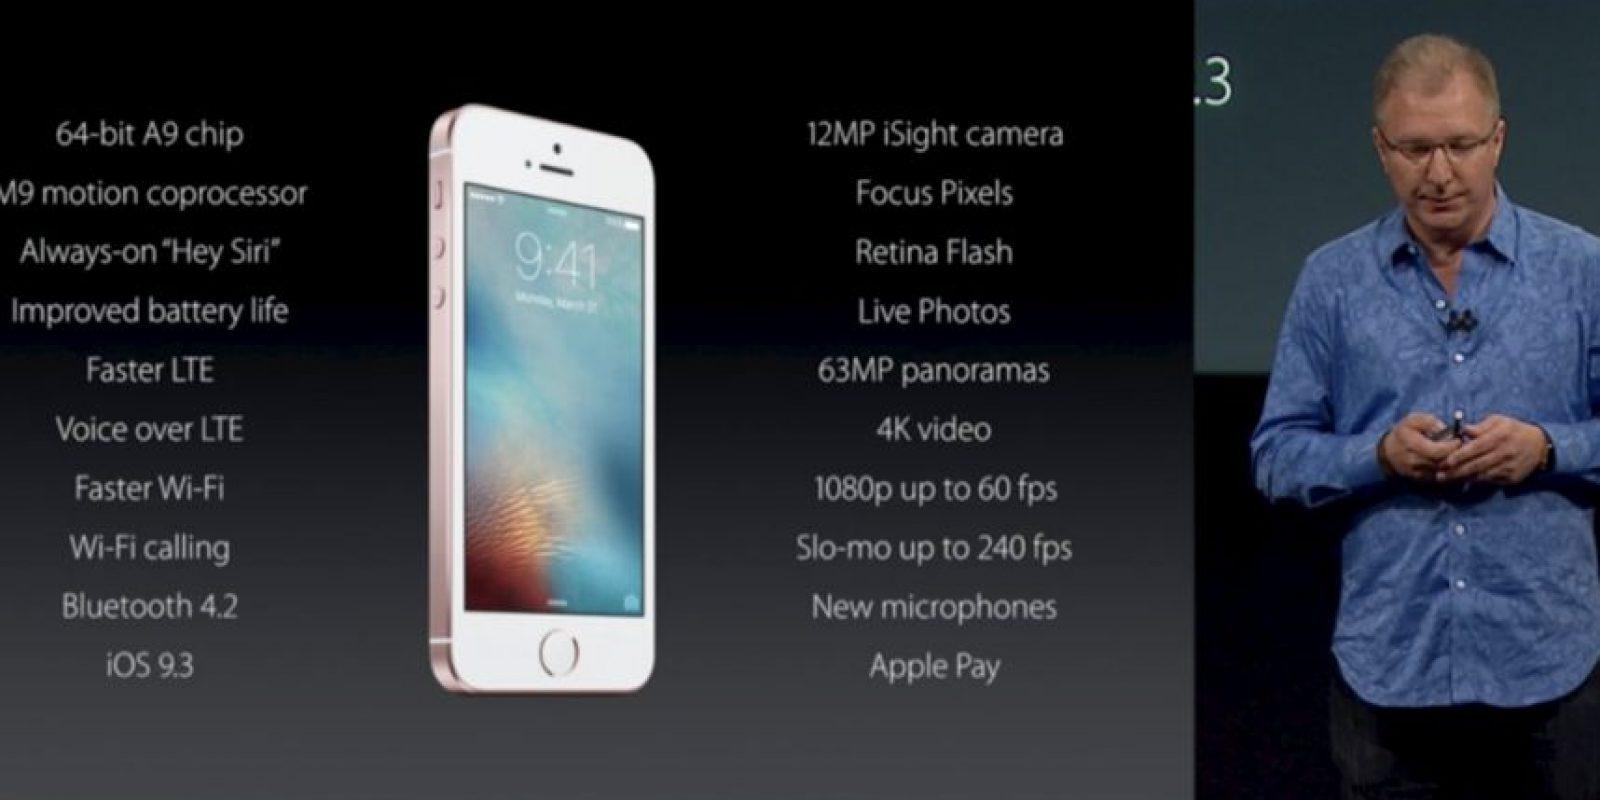 El momento donde se daban las características completas del nuevo celular de Apple. Foto:Apple